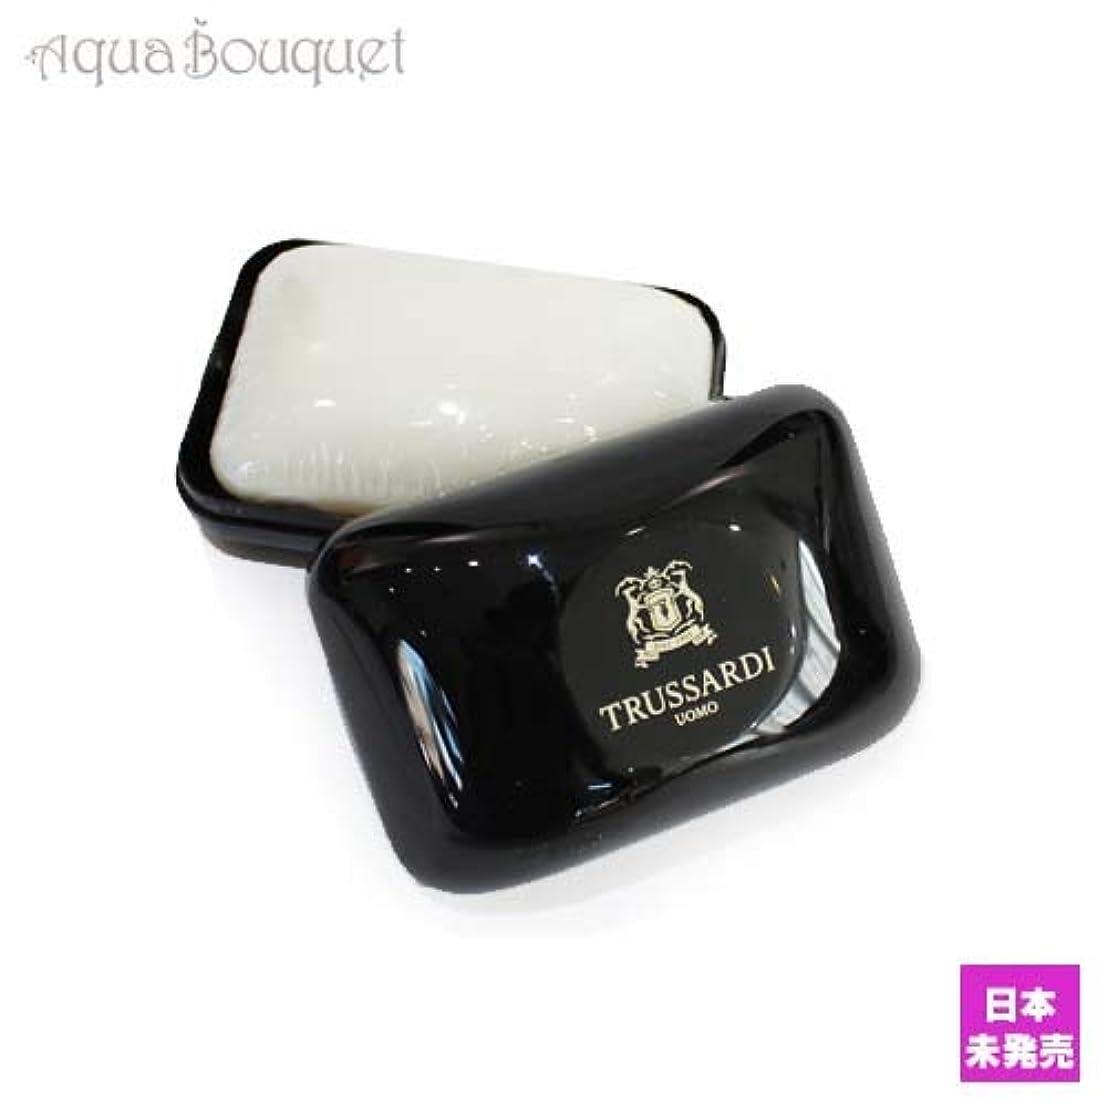 冷える以降血統トラサルディ ウォモ ソープ 100g(ケース付き)TRUSSARDI UOMO SOAP [7216] [並行輸入品]